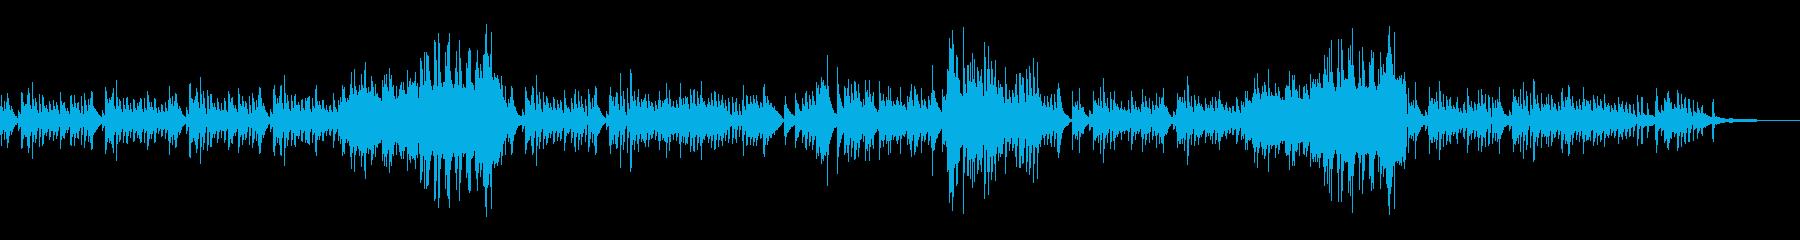 喪失感のあるドラマチックなピアノ曲の再生済みの波形